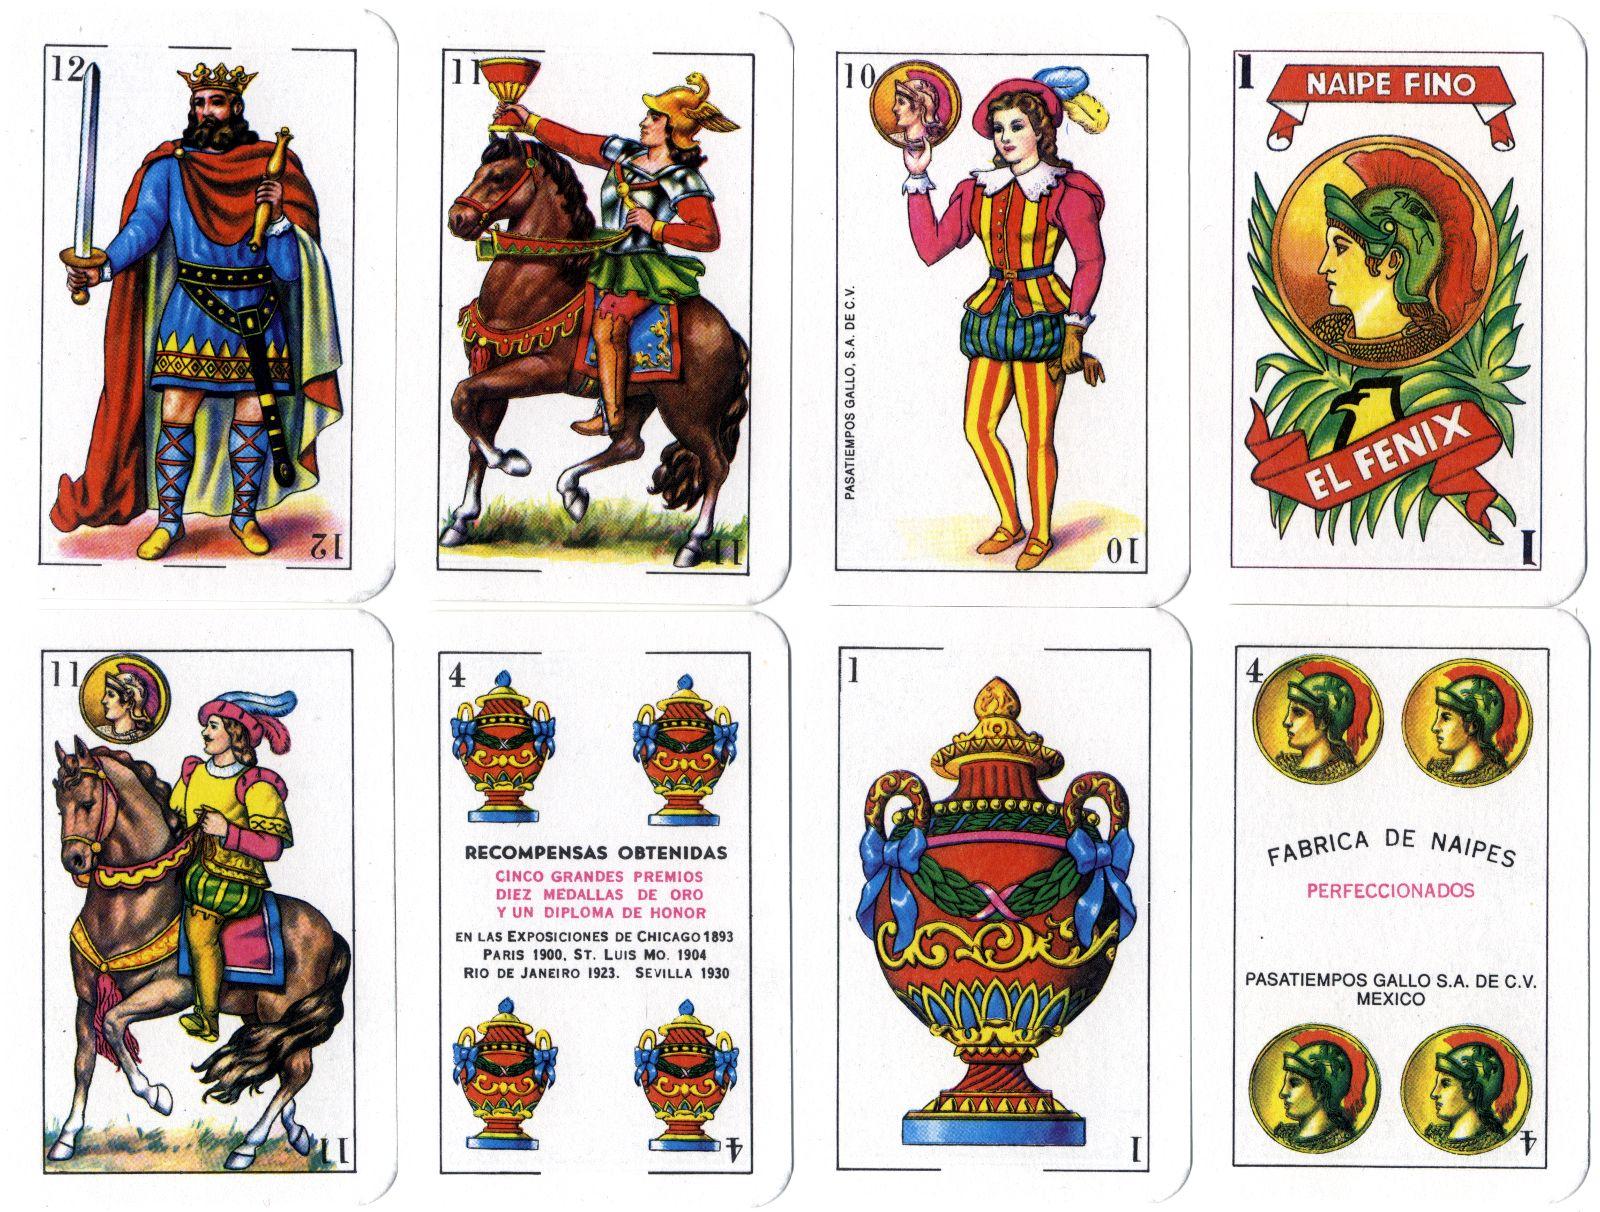 El Fenix playing cards by Pasatiempos Gallo S.A. Mexico c.2000